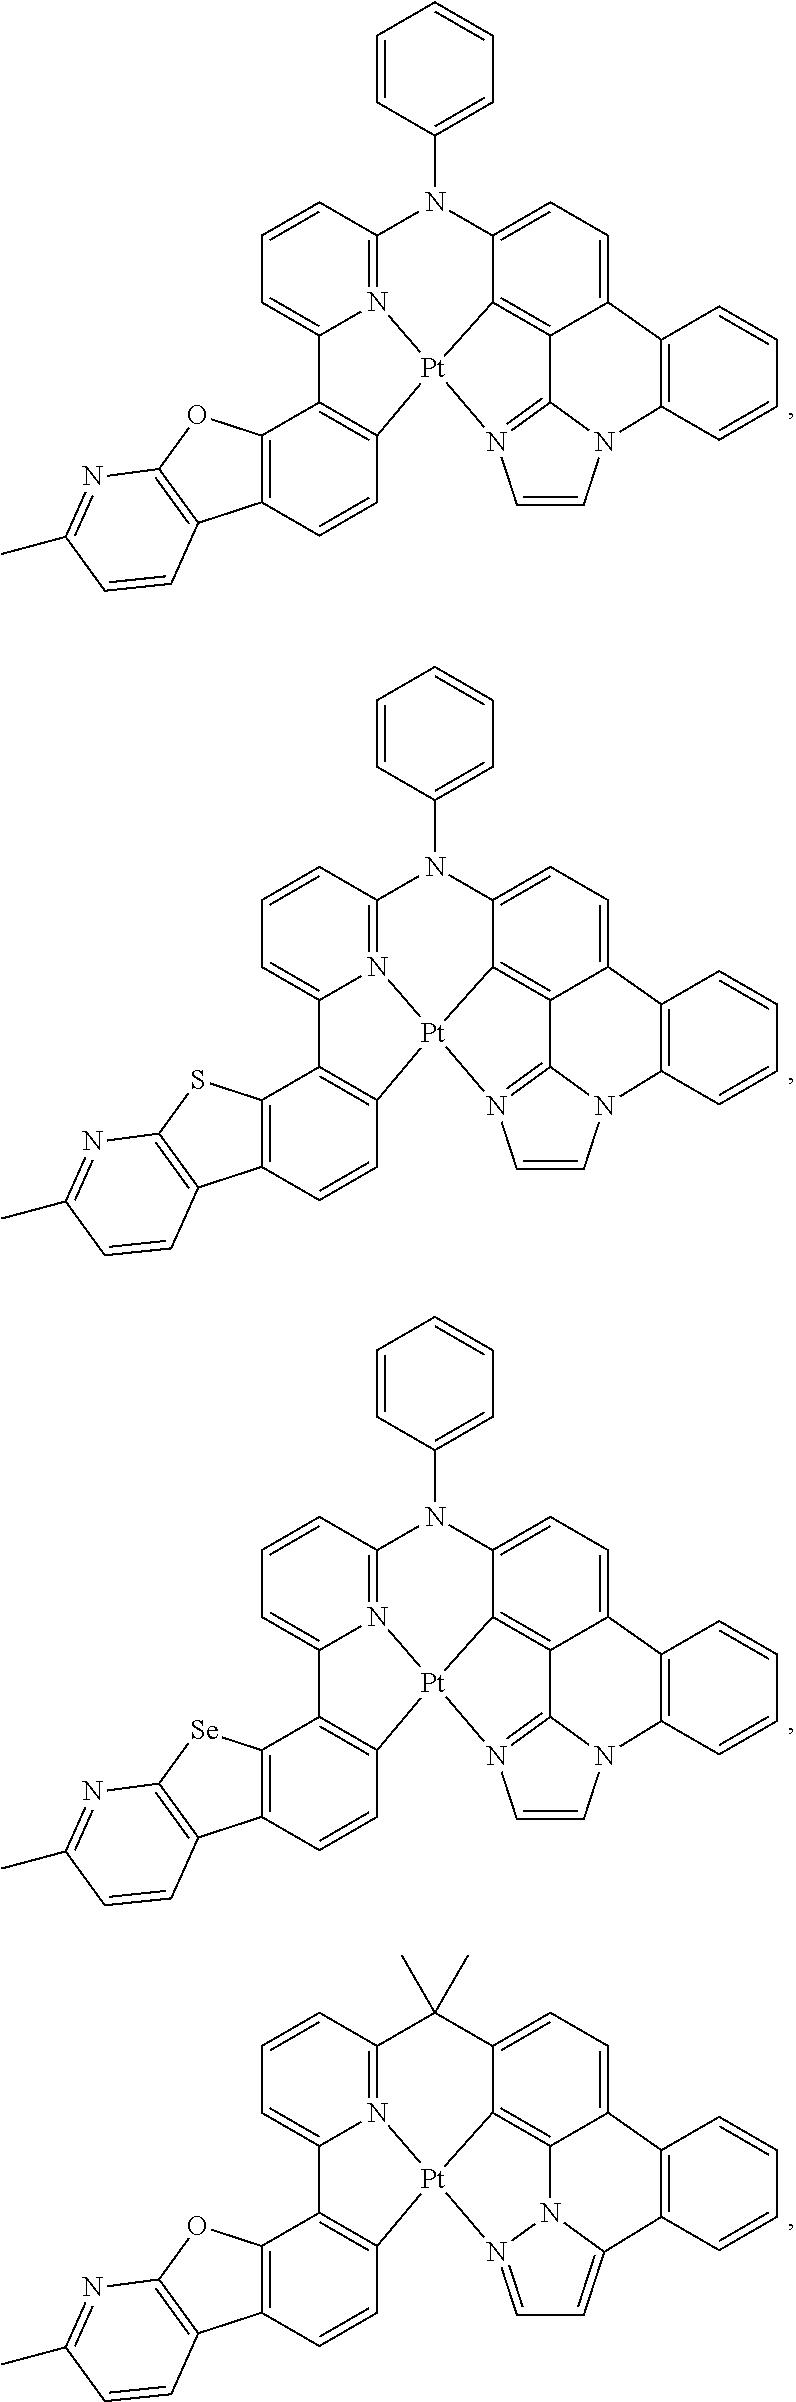 Figure US09871214-20180116-C00289